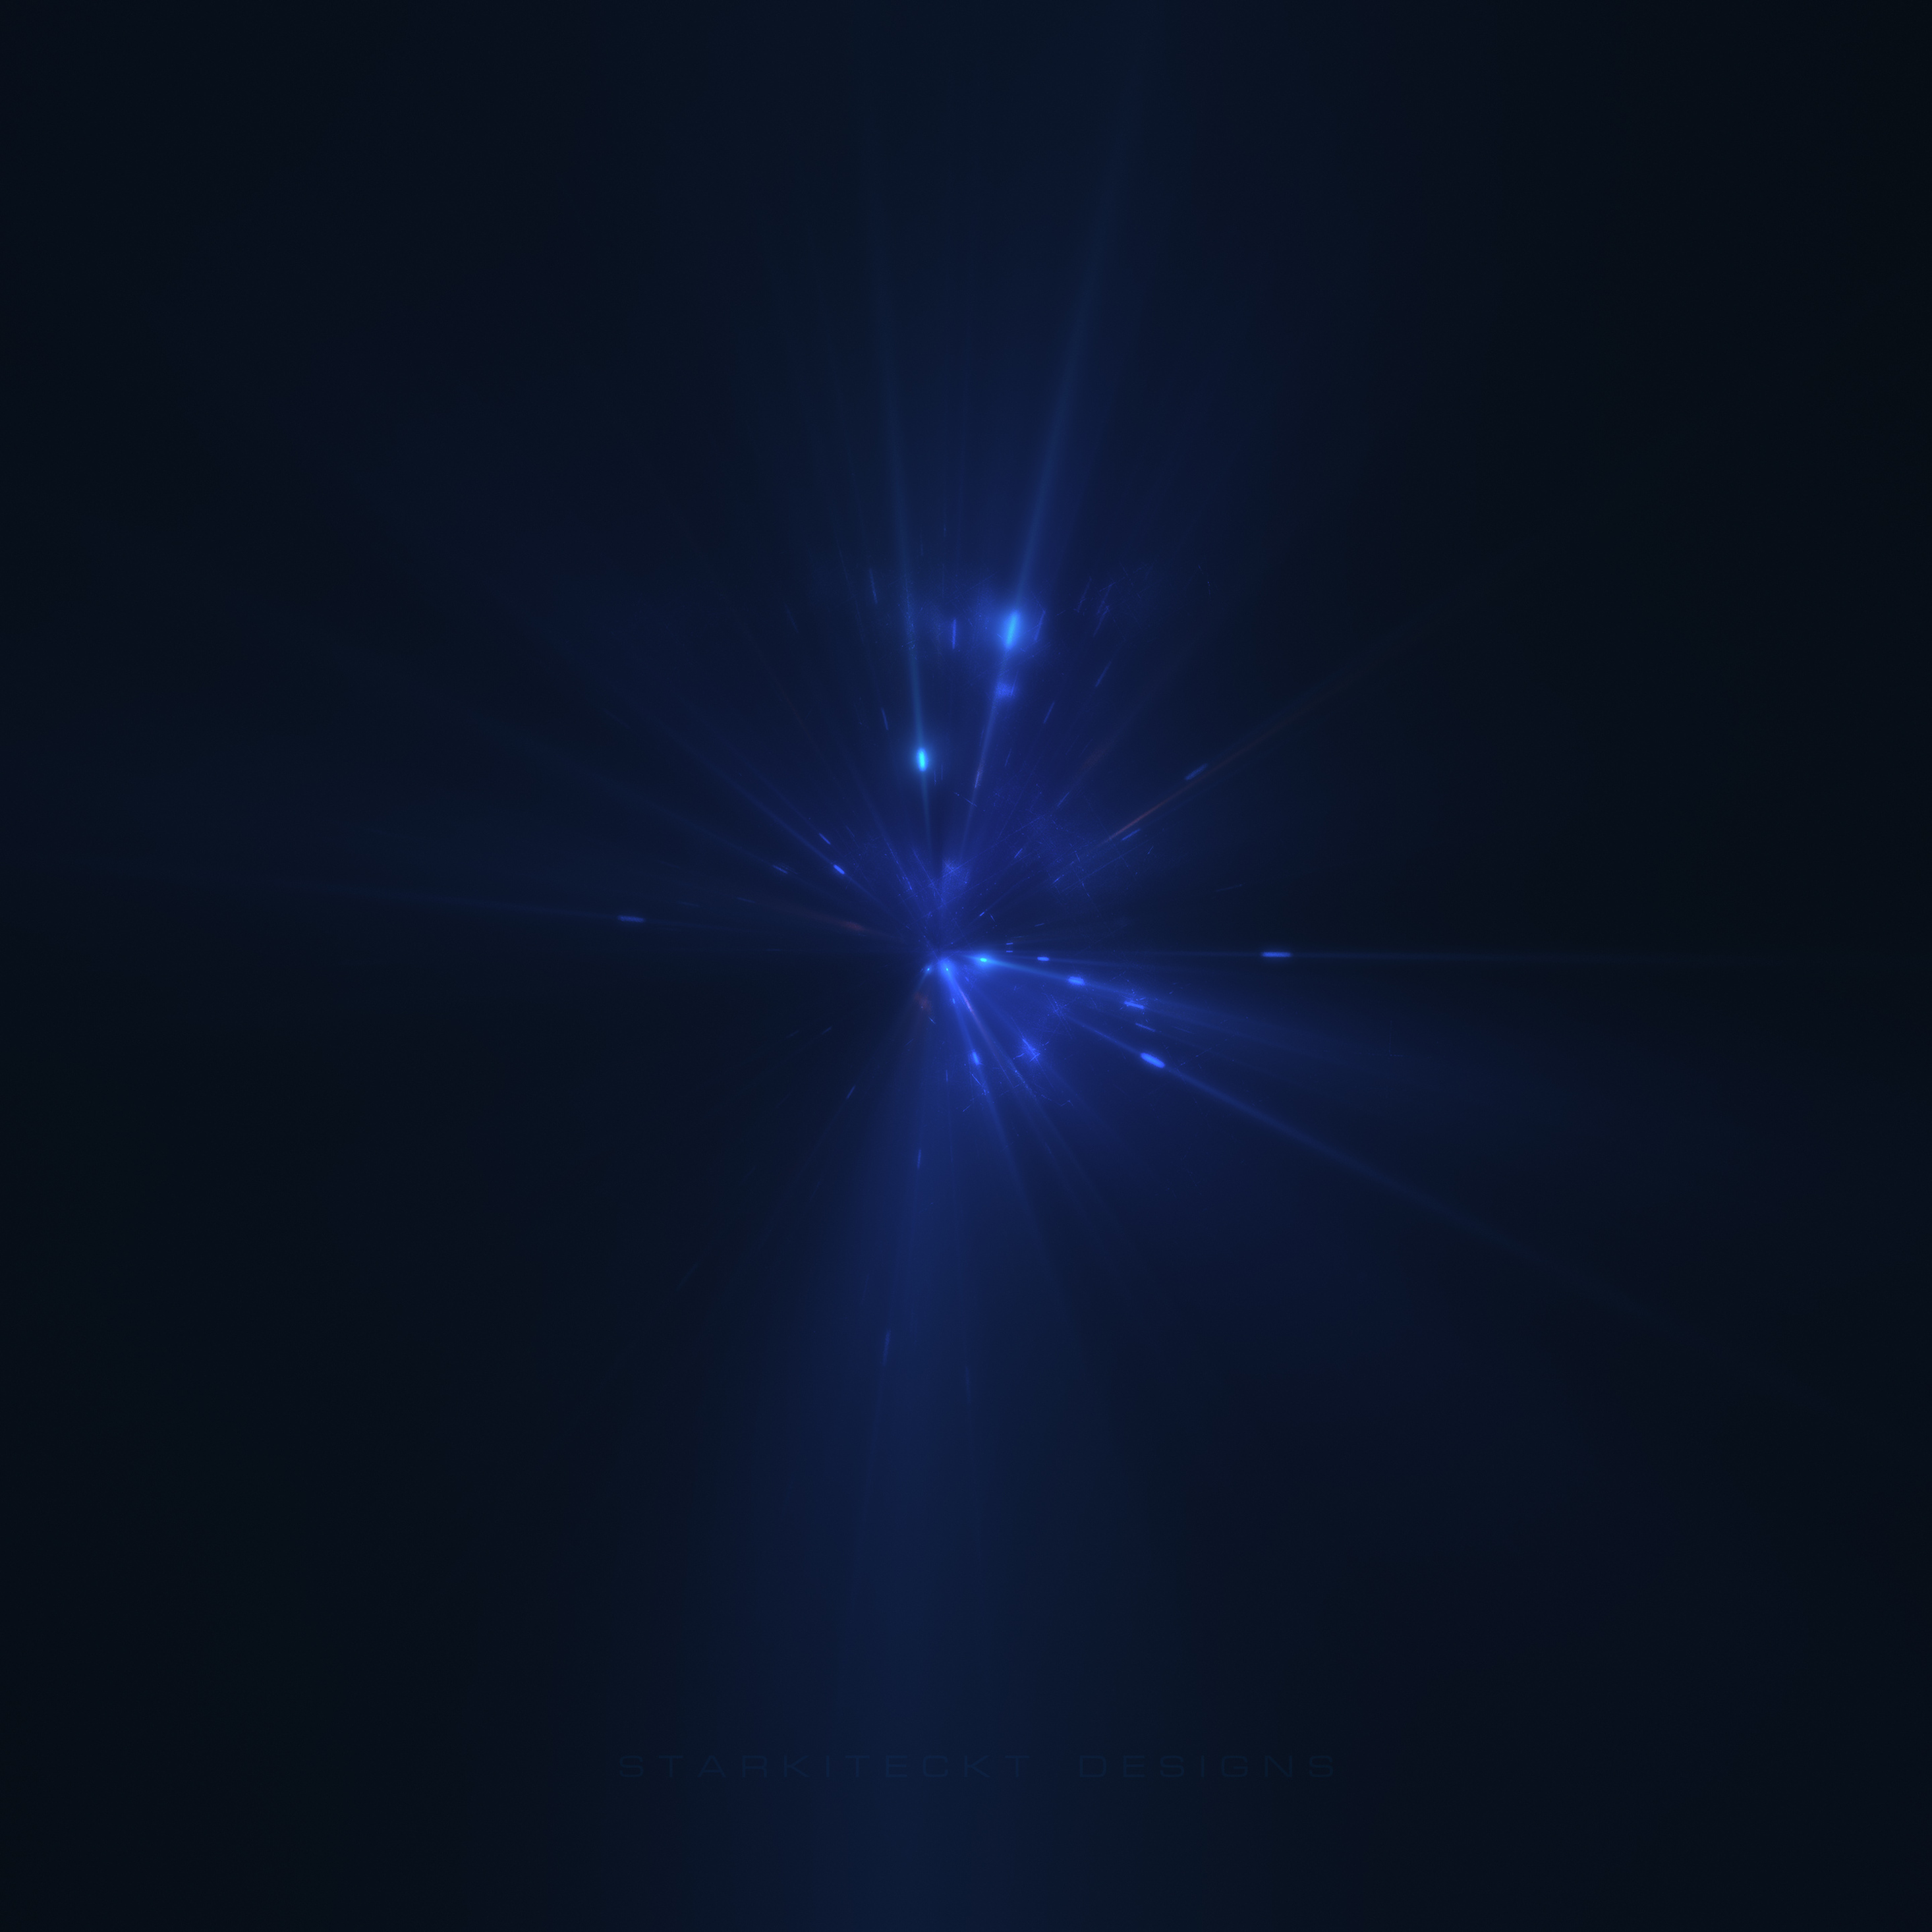 2932x2932 Last Blue Light Digital Art 5k Ipad Pro Retina Display HD